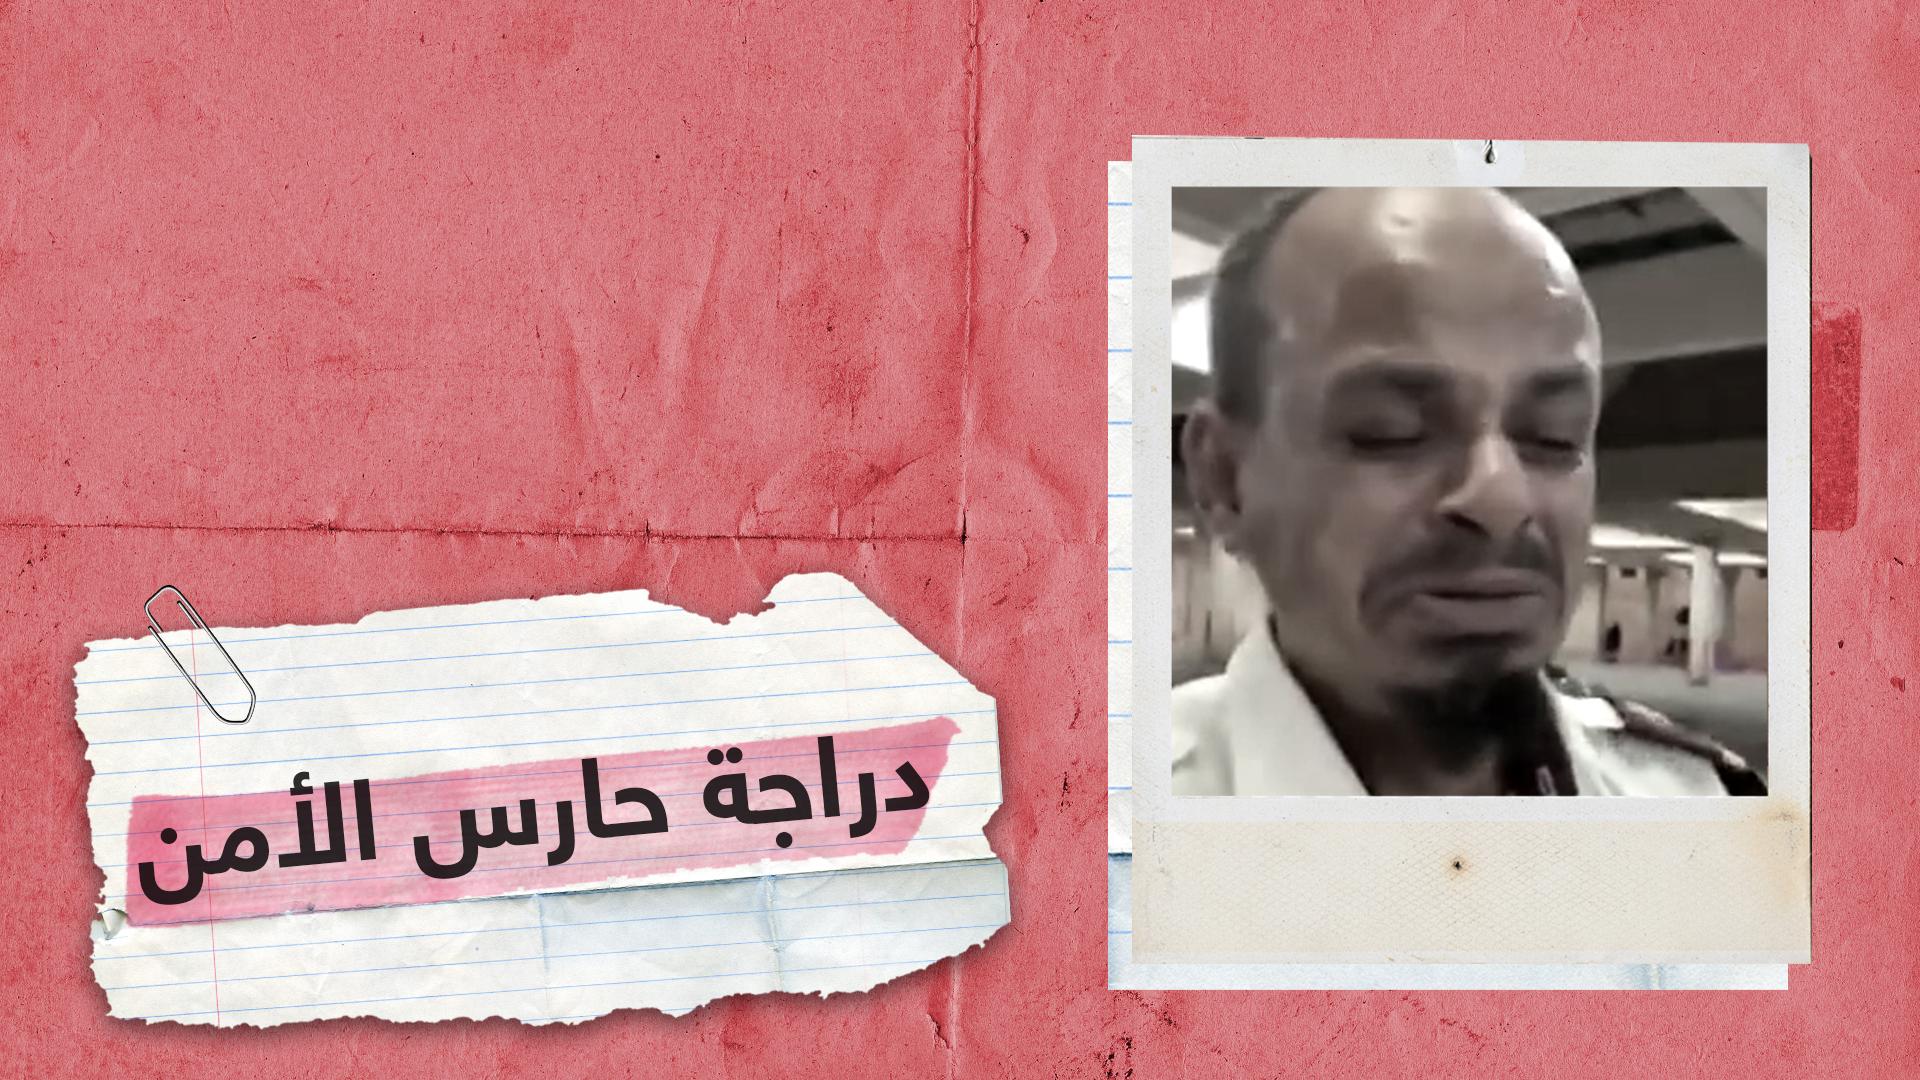 سُرقت دراجته.. تعاطف كبير مع حارس أمن سعودي